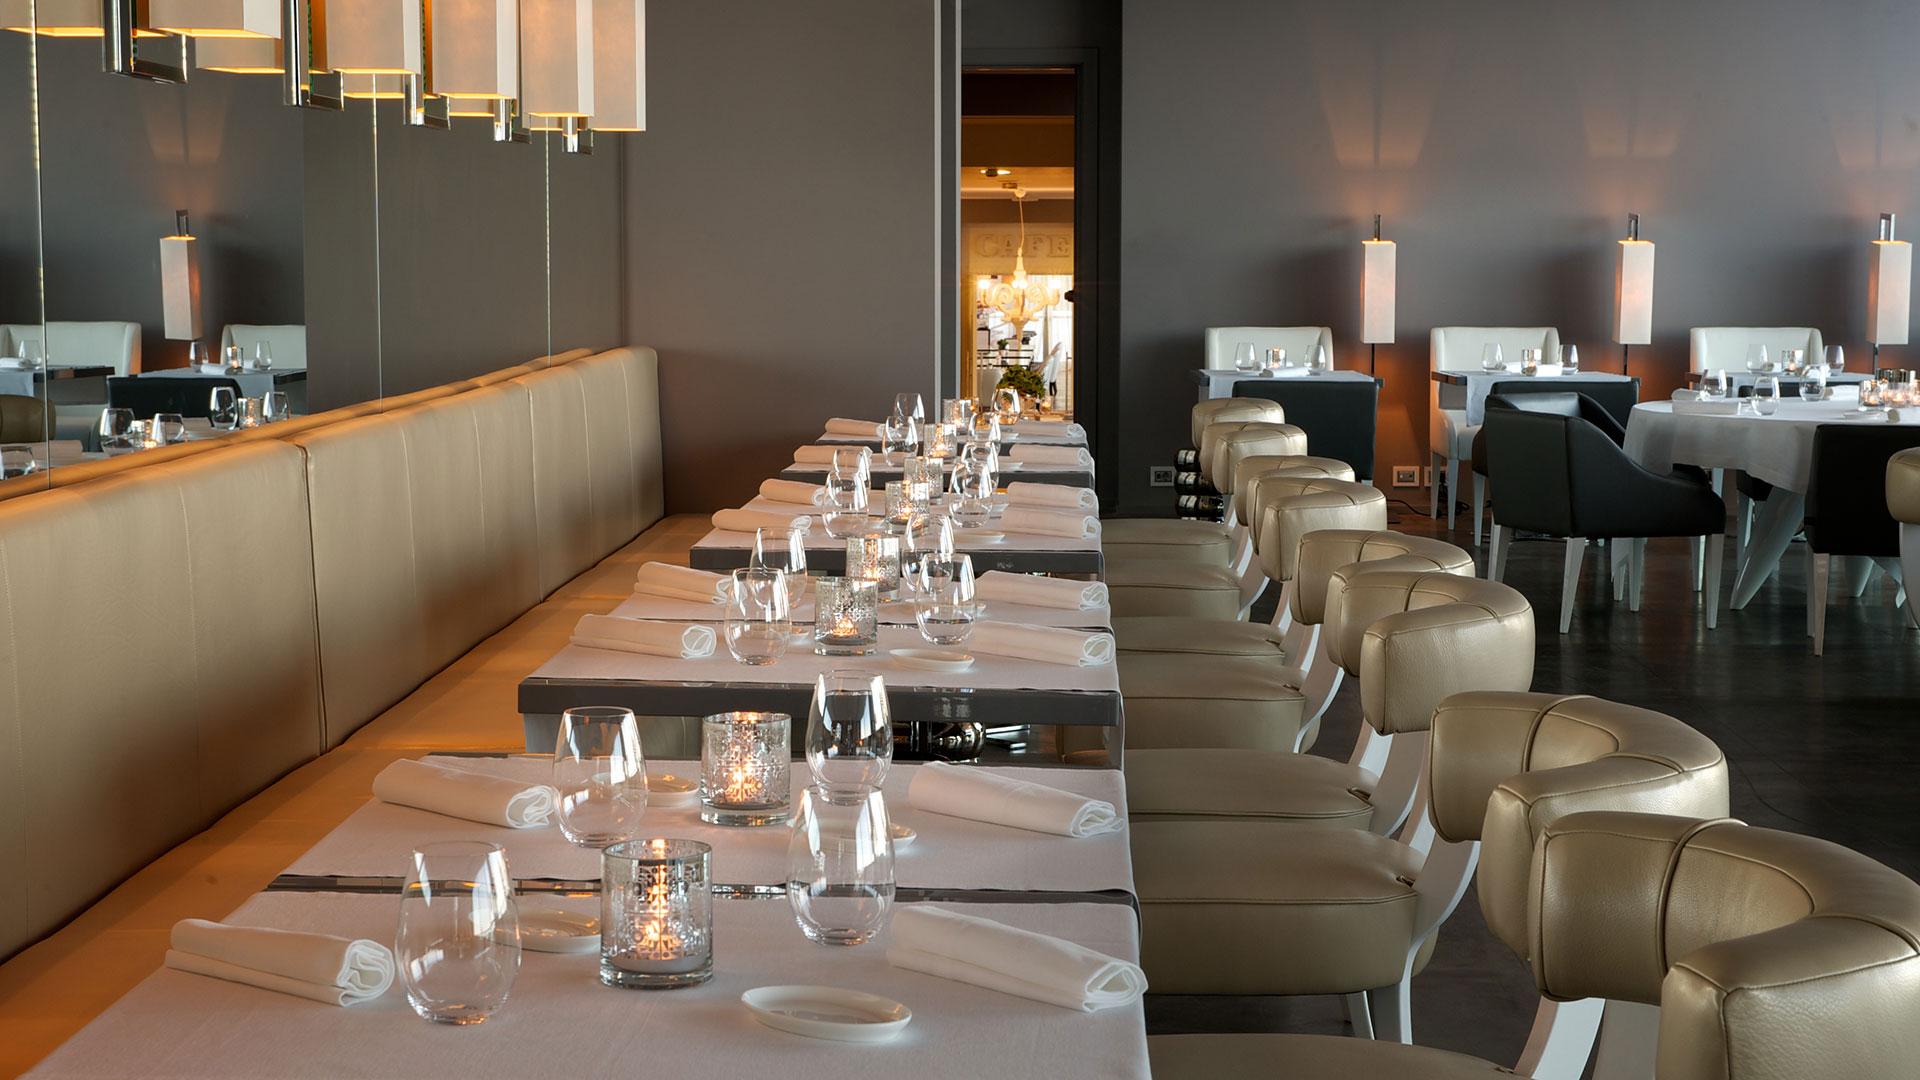 Excelsior ristorante ciani arredamenti for Ciani arredamenti